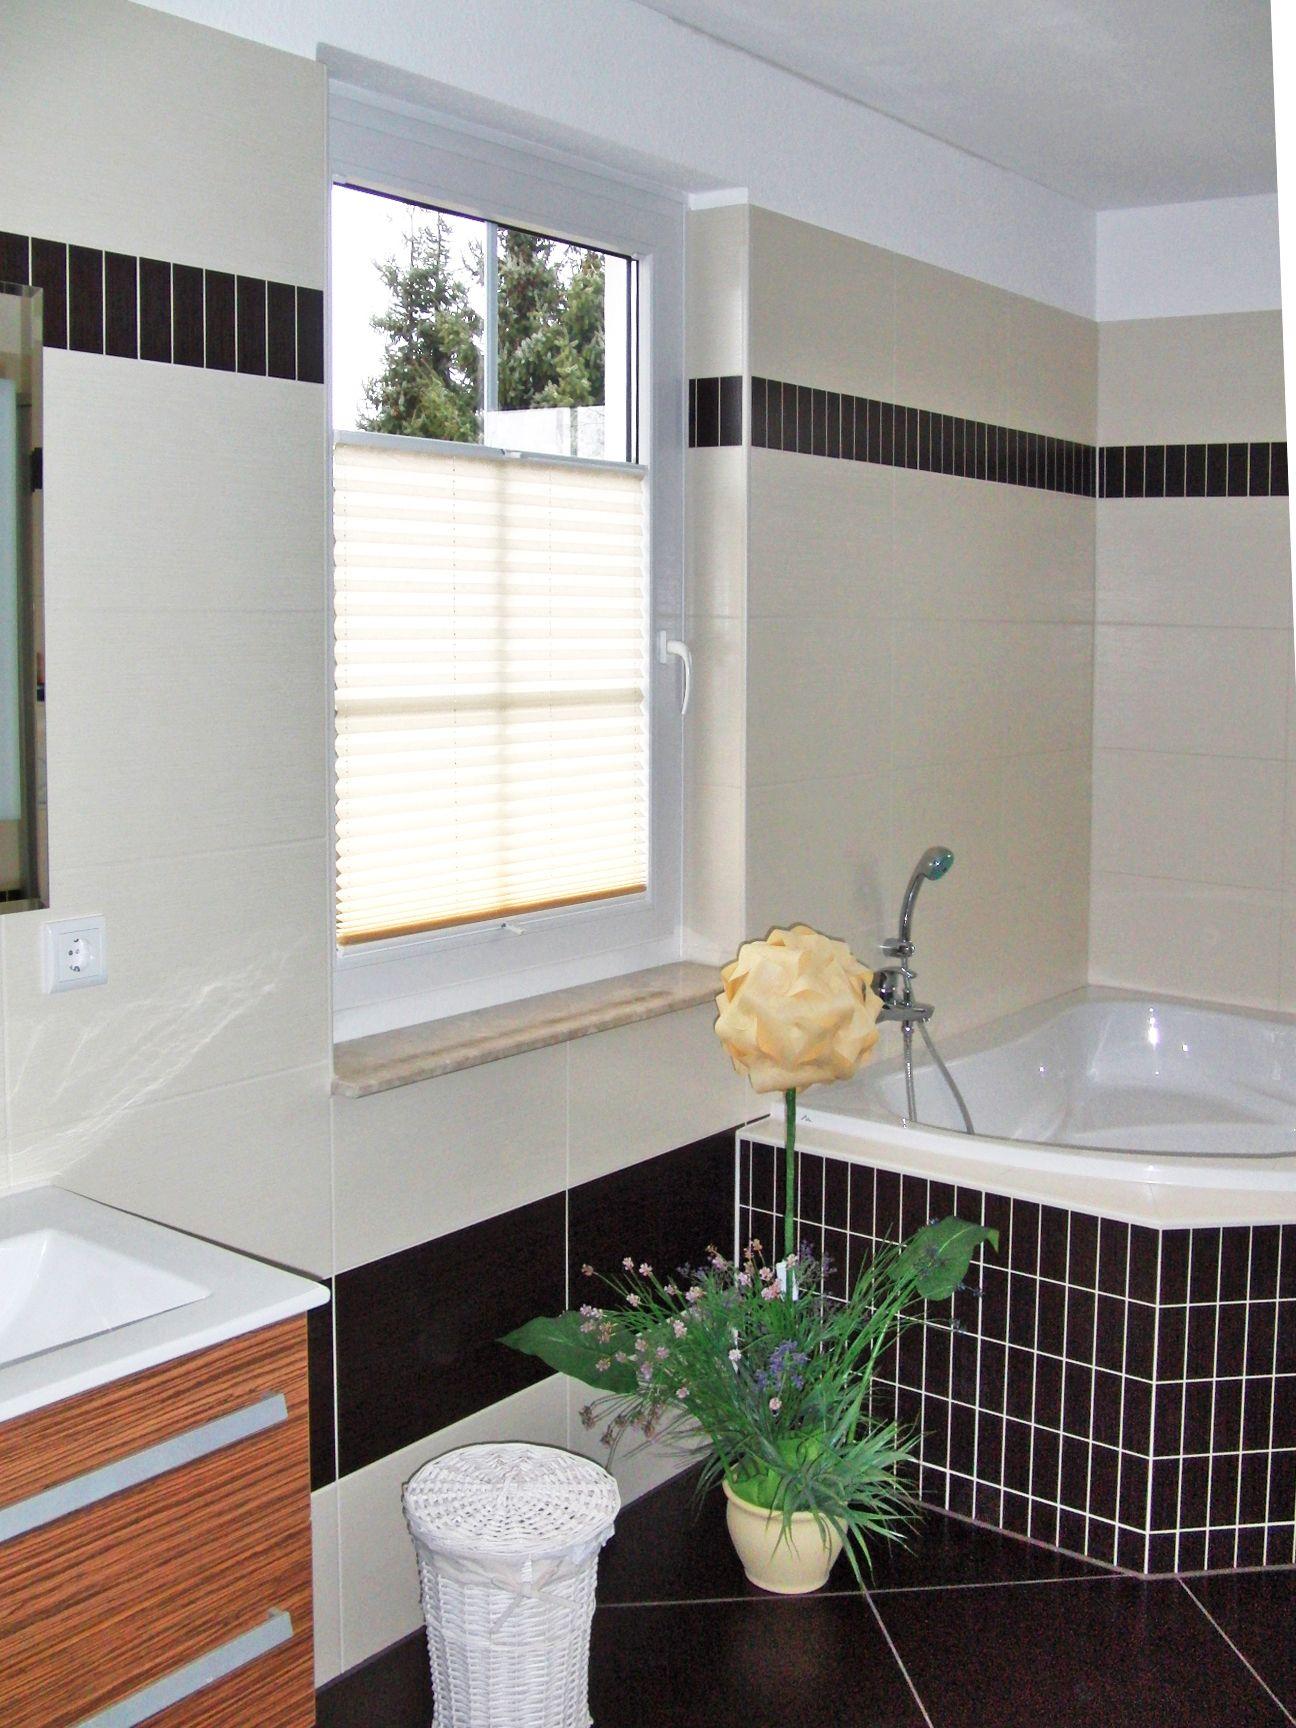 Plissee Modern Badezimmer Design Macht Euer Zuhause Schoner Mit Unseren Plissees Badezimmer Design Zuhause